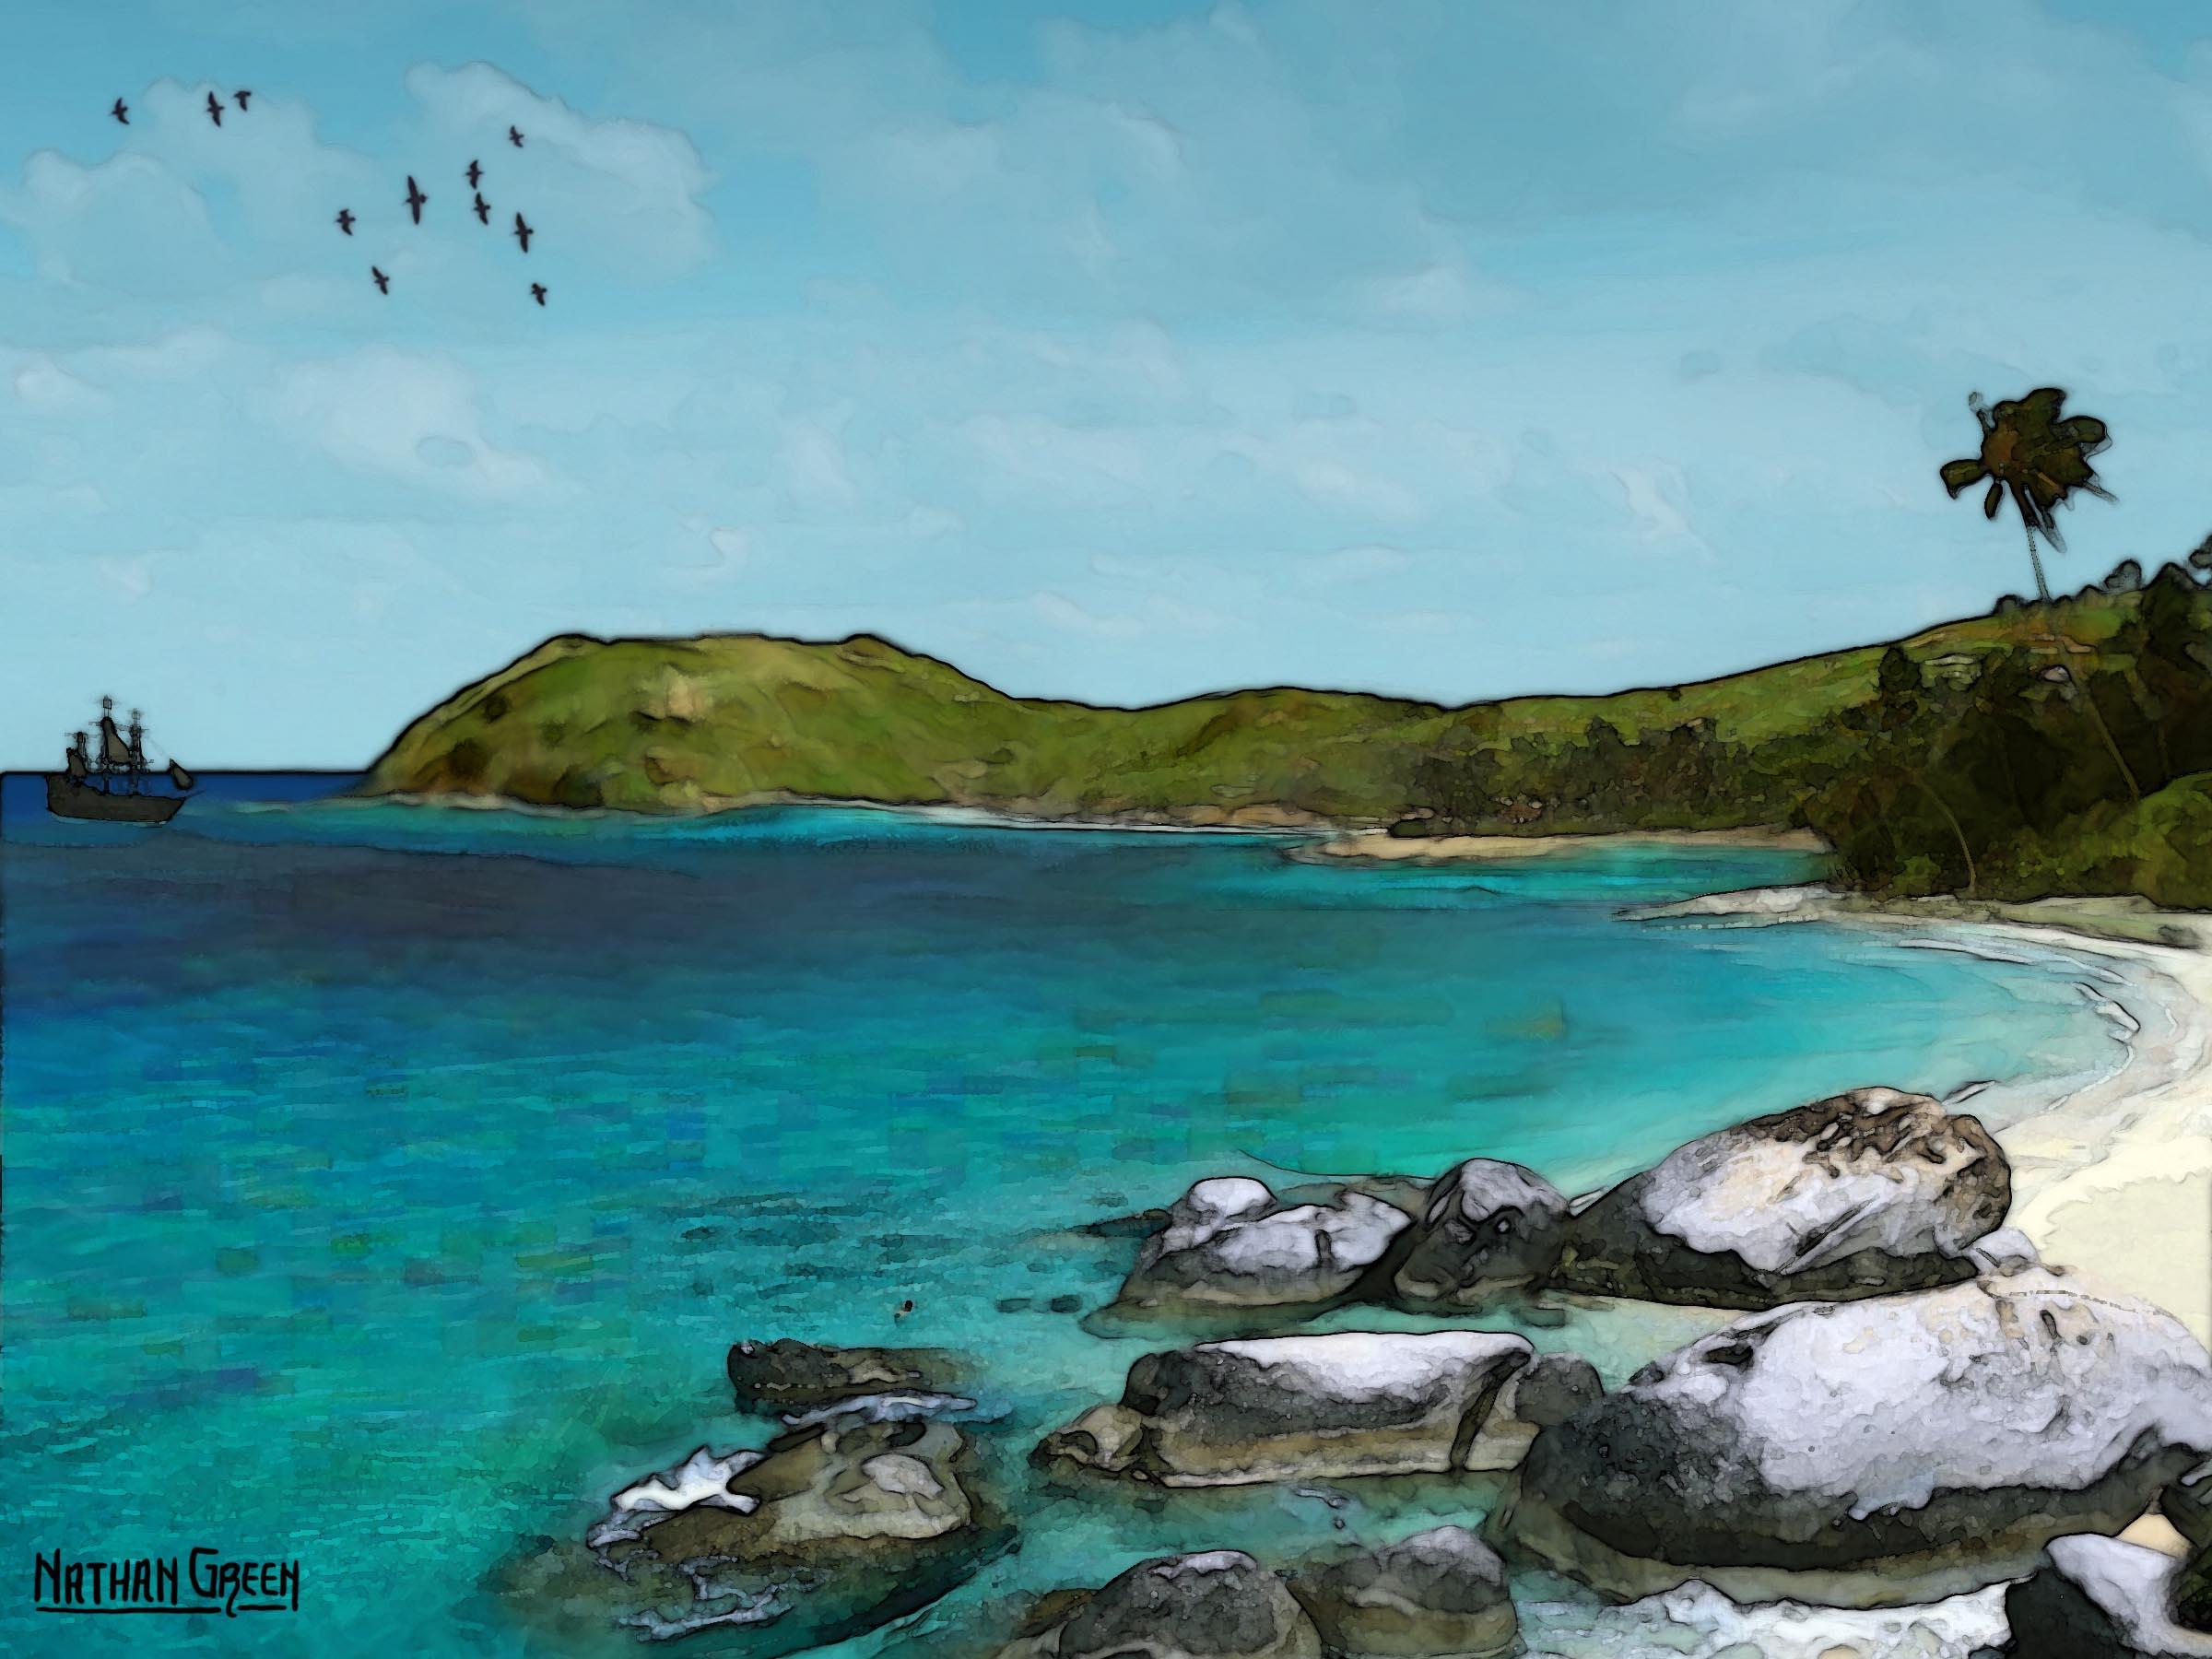 Island_ShoreSIGNED.jpg